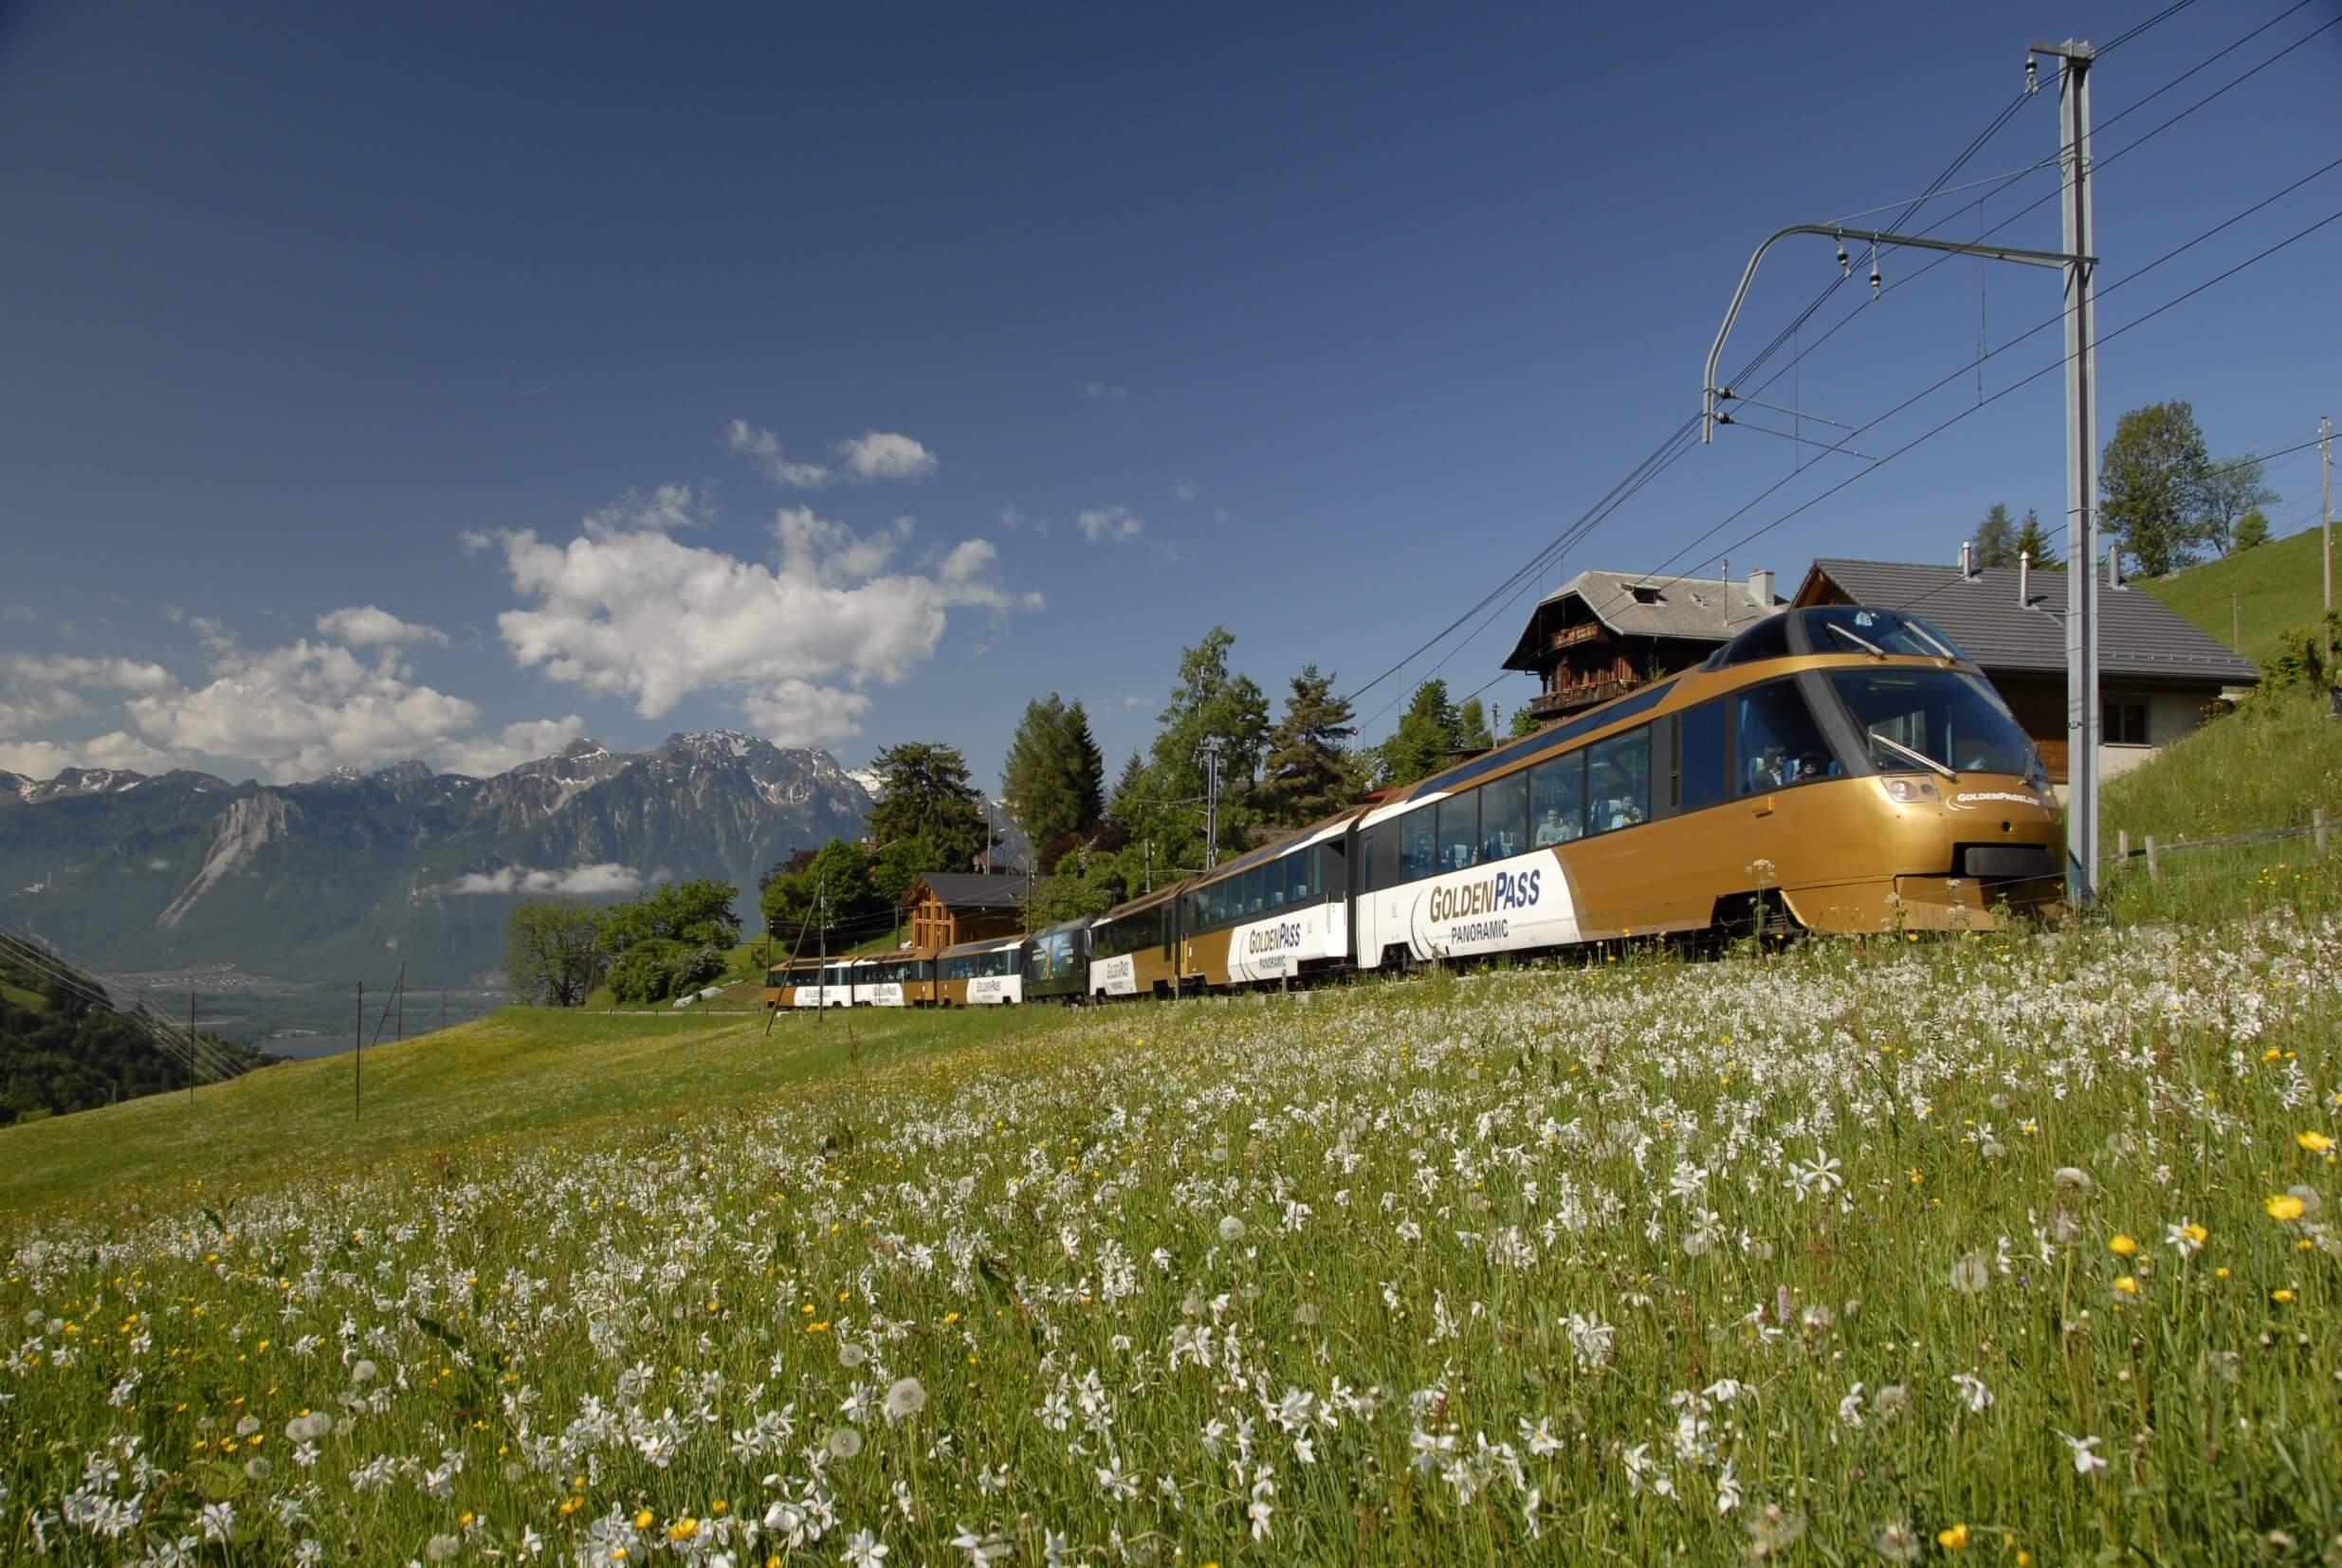 goldenpass-panoramic-zug-sommer